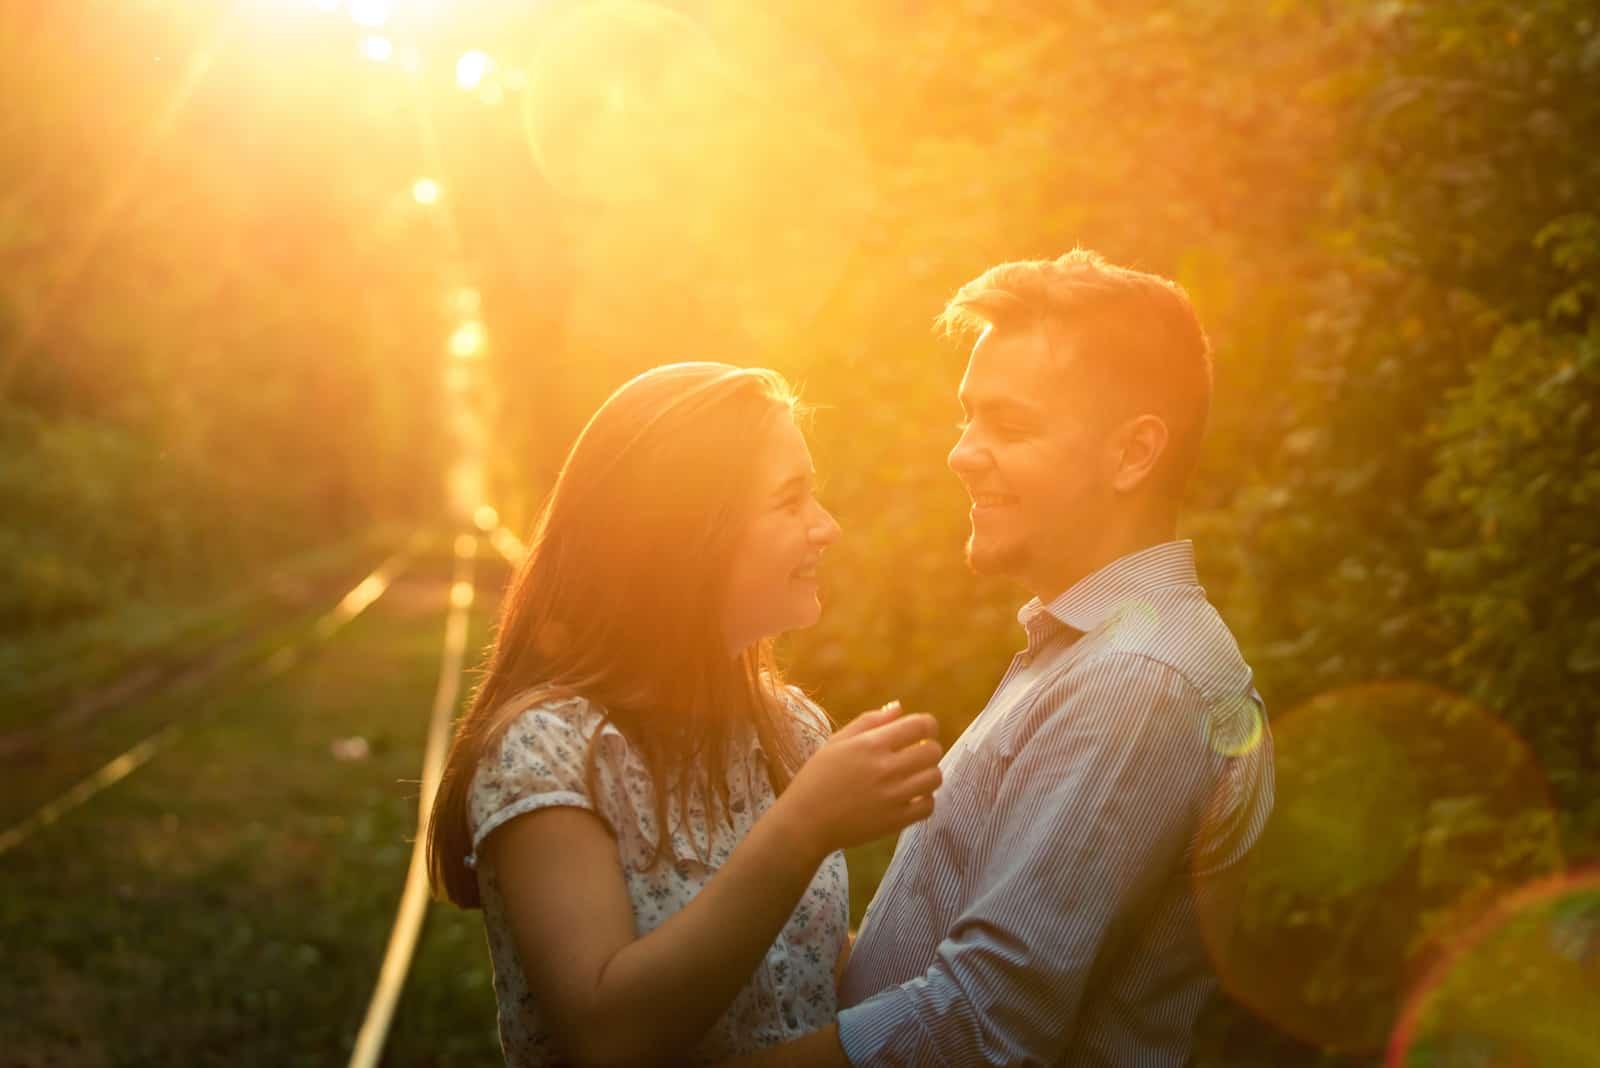 Bei Sonnenuntergang steht ein liebendes Paar draußen und umarmt sich